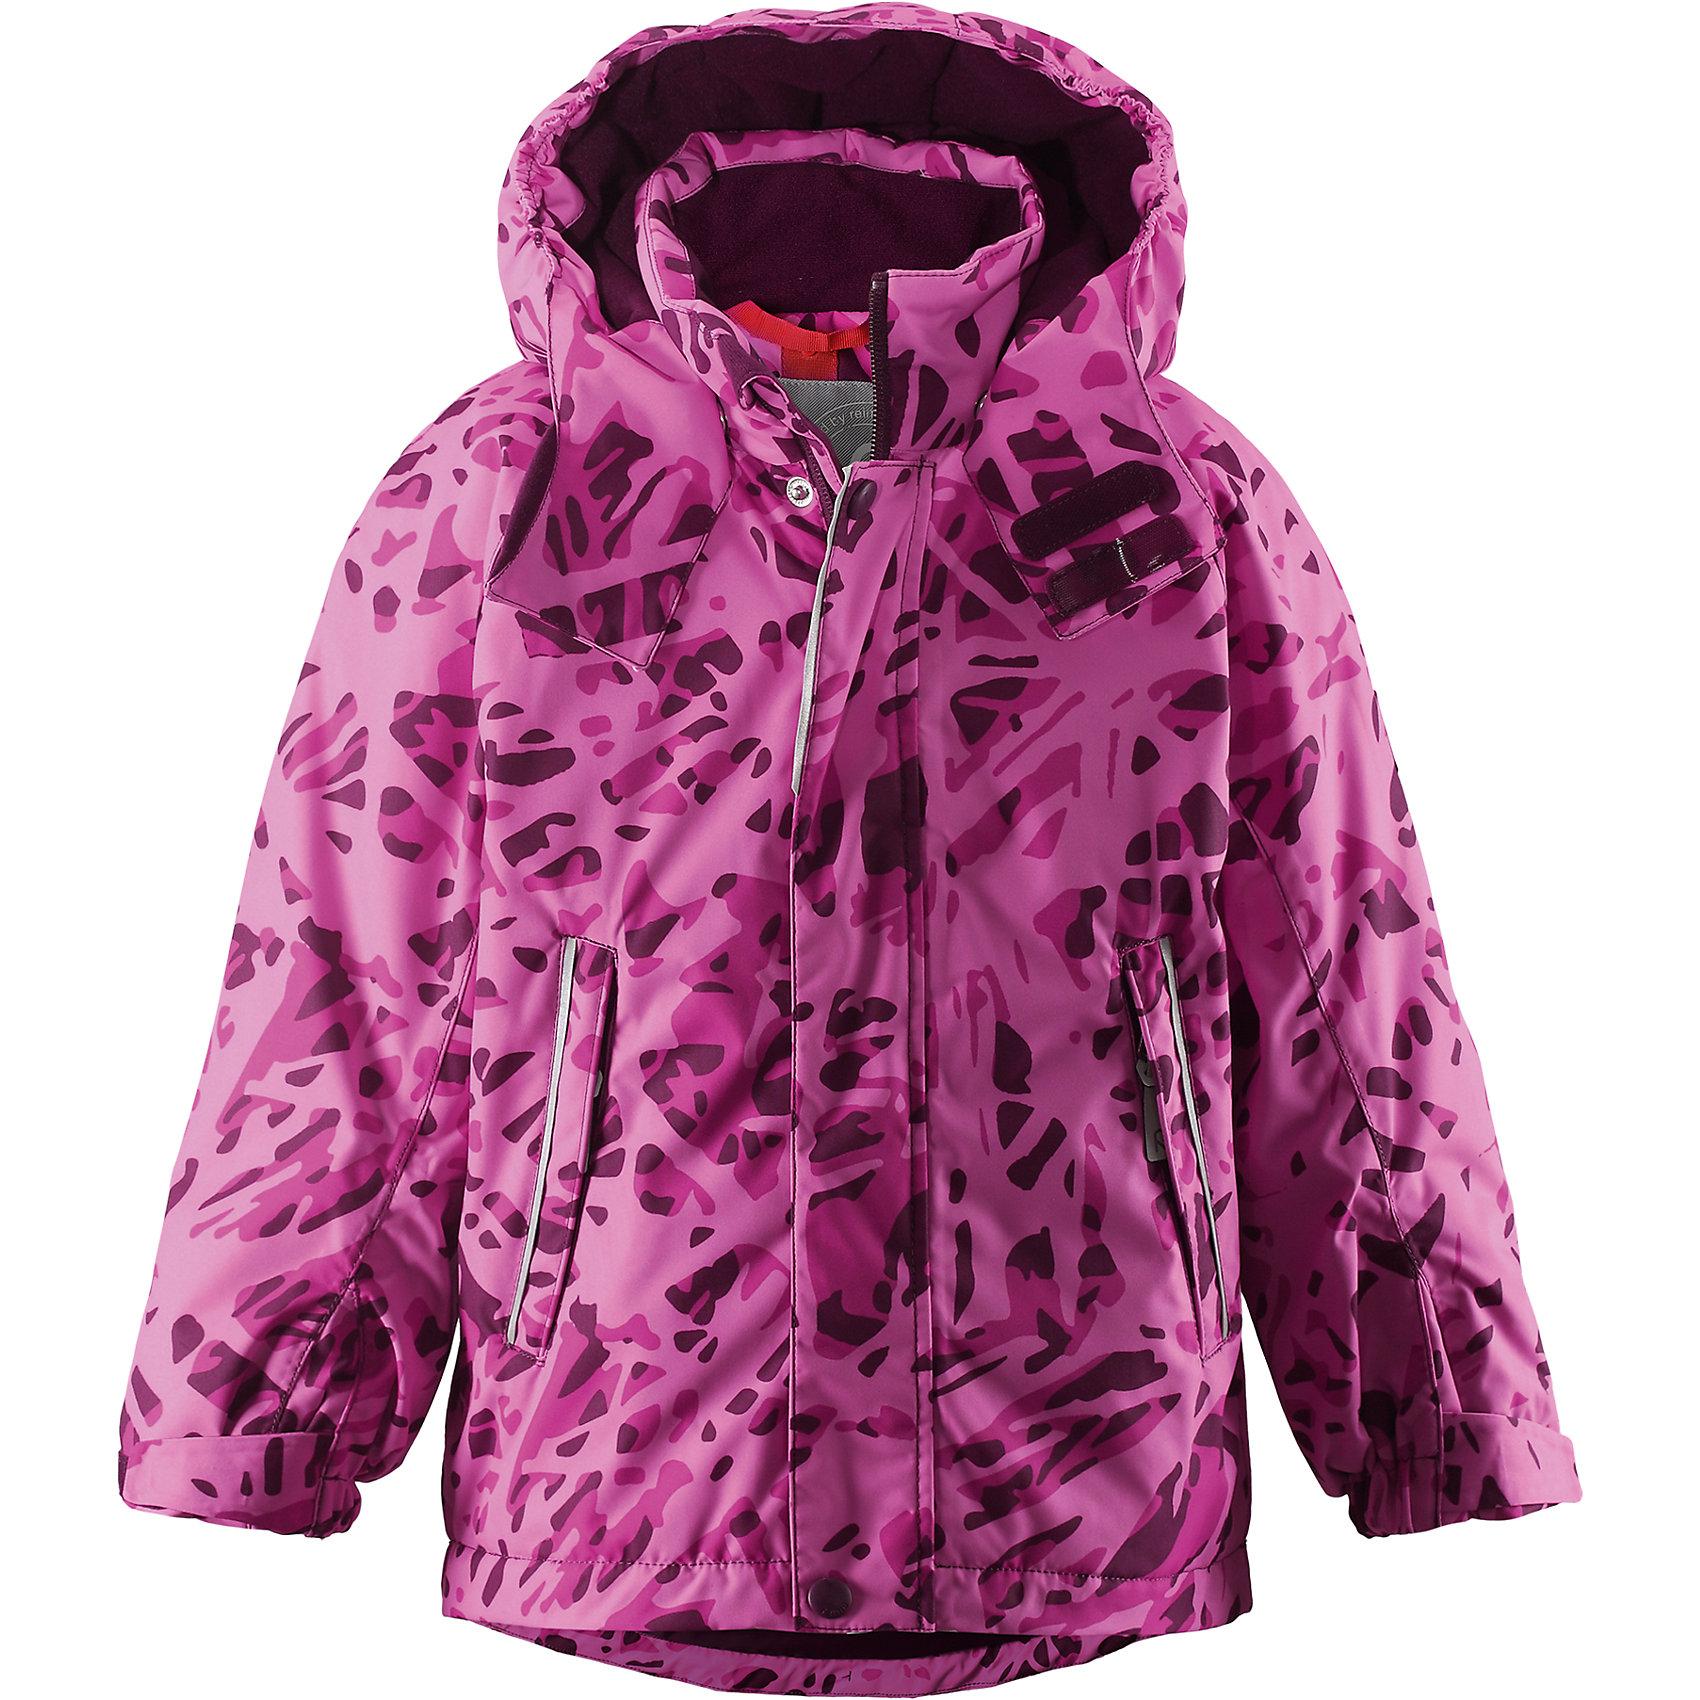 Куртка Cup для девочки Reimatec® ReimaОдежда<br>Куртка для мальчика Reimatec® Reima<br>Зимняя куртка для детей. Все швы проклеены и водонепроницаемы. Водо- и ветронепроницаемый, «дышащий» и грязеотталкивающий материал. Гладкая подкладка из полиэстра. Безопасный, отстегивающийся и регулируемый капюшон. Регулируемый манжет на липучке. Регулируемый подол. Внутренний нагрудный карман. Два кармана на молнии. Принт по всей поверхности. Безопасные светоотражающие детали.<br>Утеплитель: Reima® Soft Loft insulation,160 g<br>Уход:<br>Стирать по отдельности, вывернув наизнанку. Застегнуть молнии и липучки. Стирать моющим средством, не содержащим отбеливающие вещества. Полоскать без специального средства. Во избежание изменения цвета изделие необходимо вынуть из стиральной машинки незамедлительно после окончания программы стирки. Можно сушить в сушильном шкафу или центрифуге (макс. 40° C).<br>Состав:<br>100% Полиамид, полиуретановое покрытие<br><br>Ширина мм: 356<br>Глубина мм: 10<br>Высота мм: 245<br>Вес г: 519<br>Цвет: лиловый<br>Возраст от месяцев: 48<br>Возраст до месяцев: 60<br>Пол: Женский<br>Возраст: Детский<br>Размер: 110,140,104,128,134,98,116,122<br>SKU: 4776462